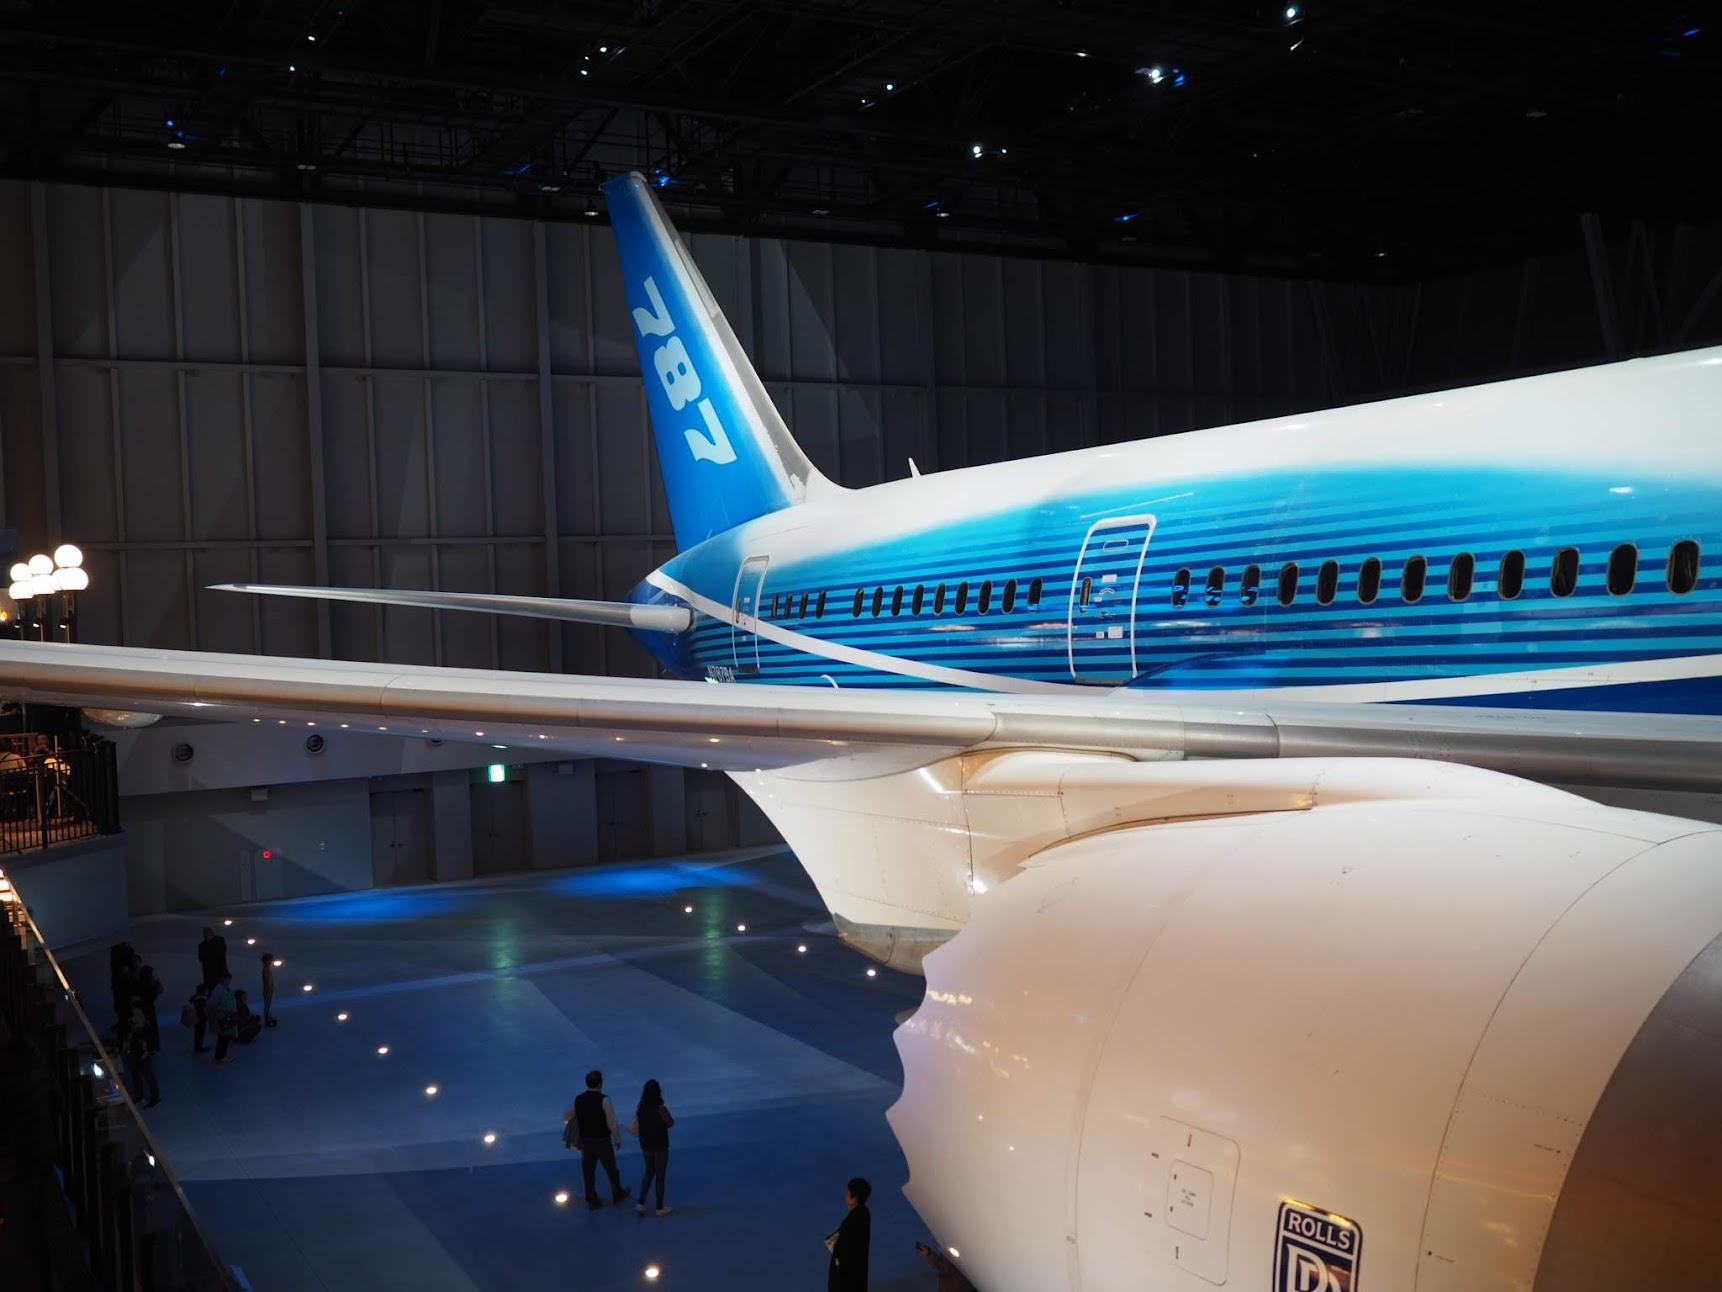 ボーイング787の尾翼